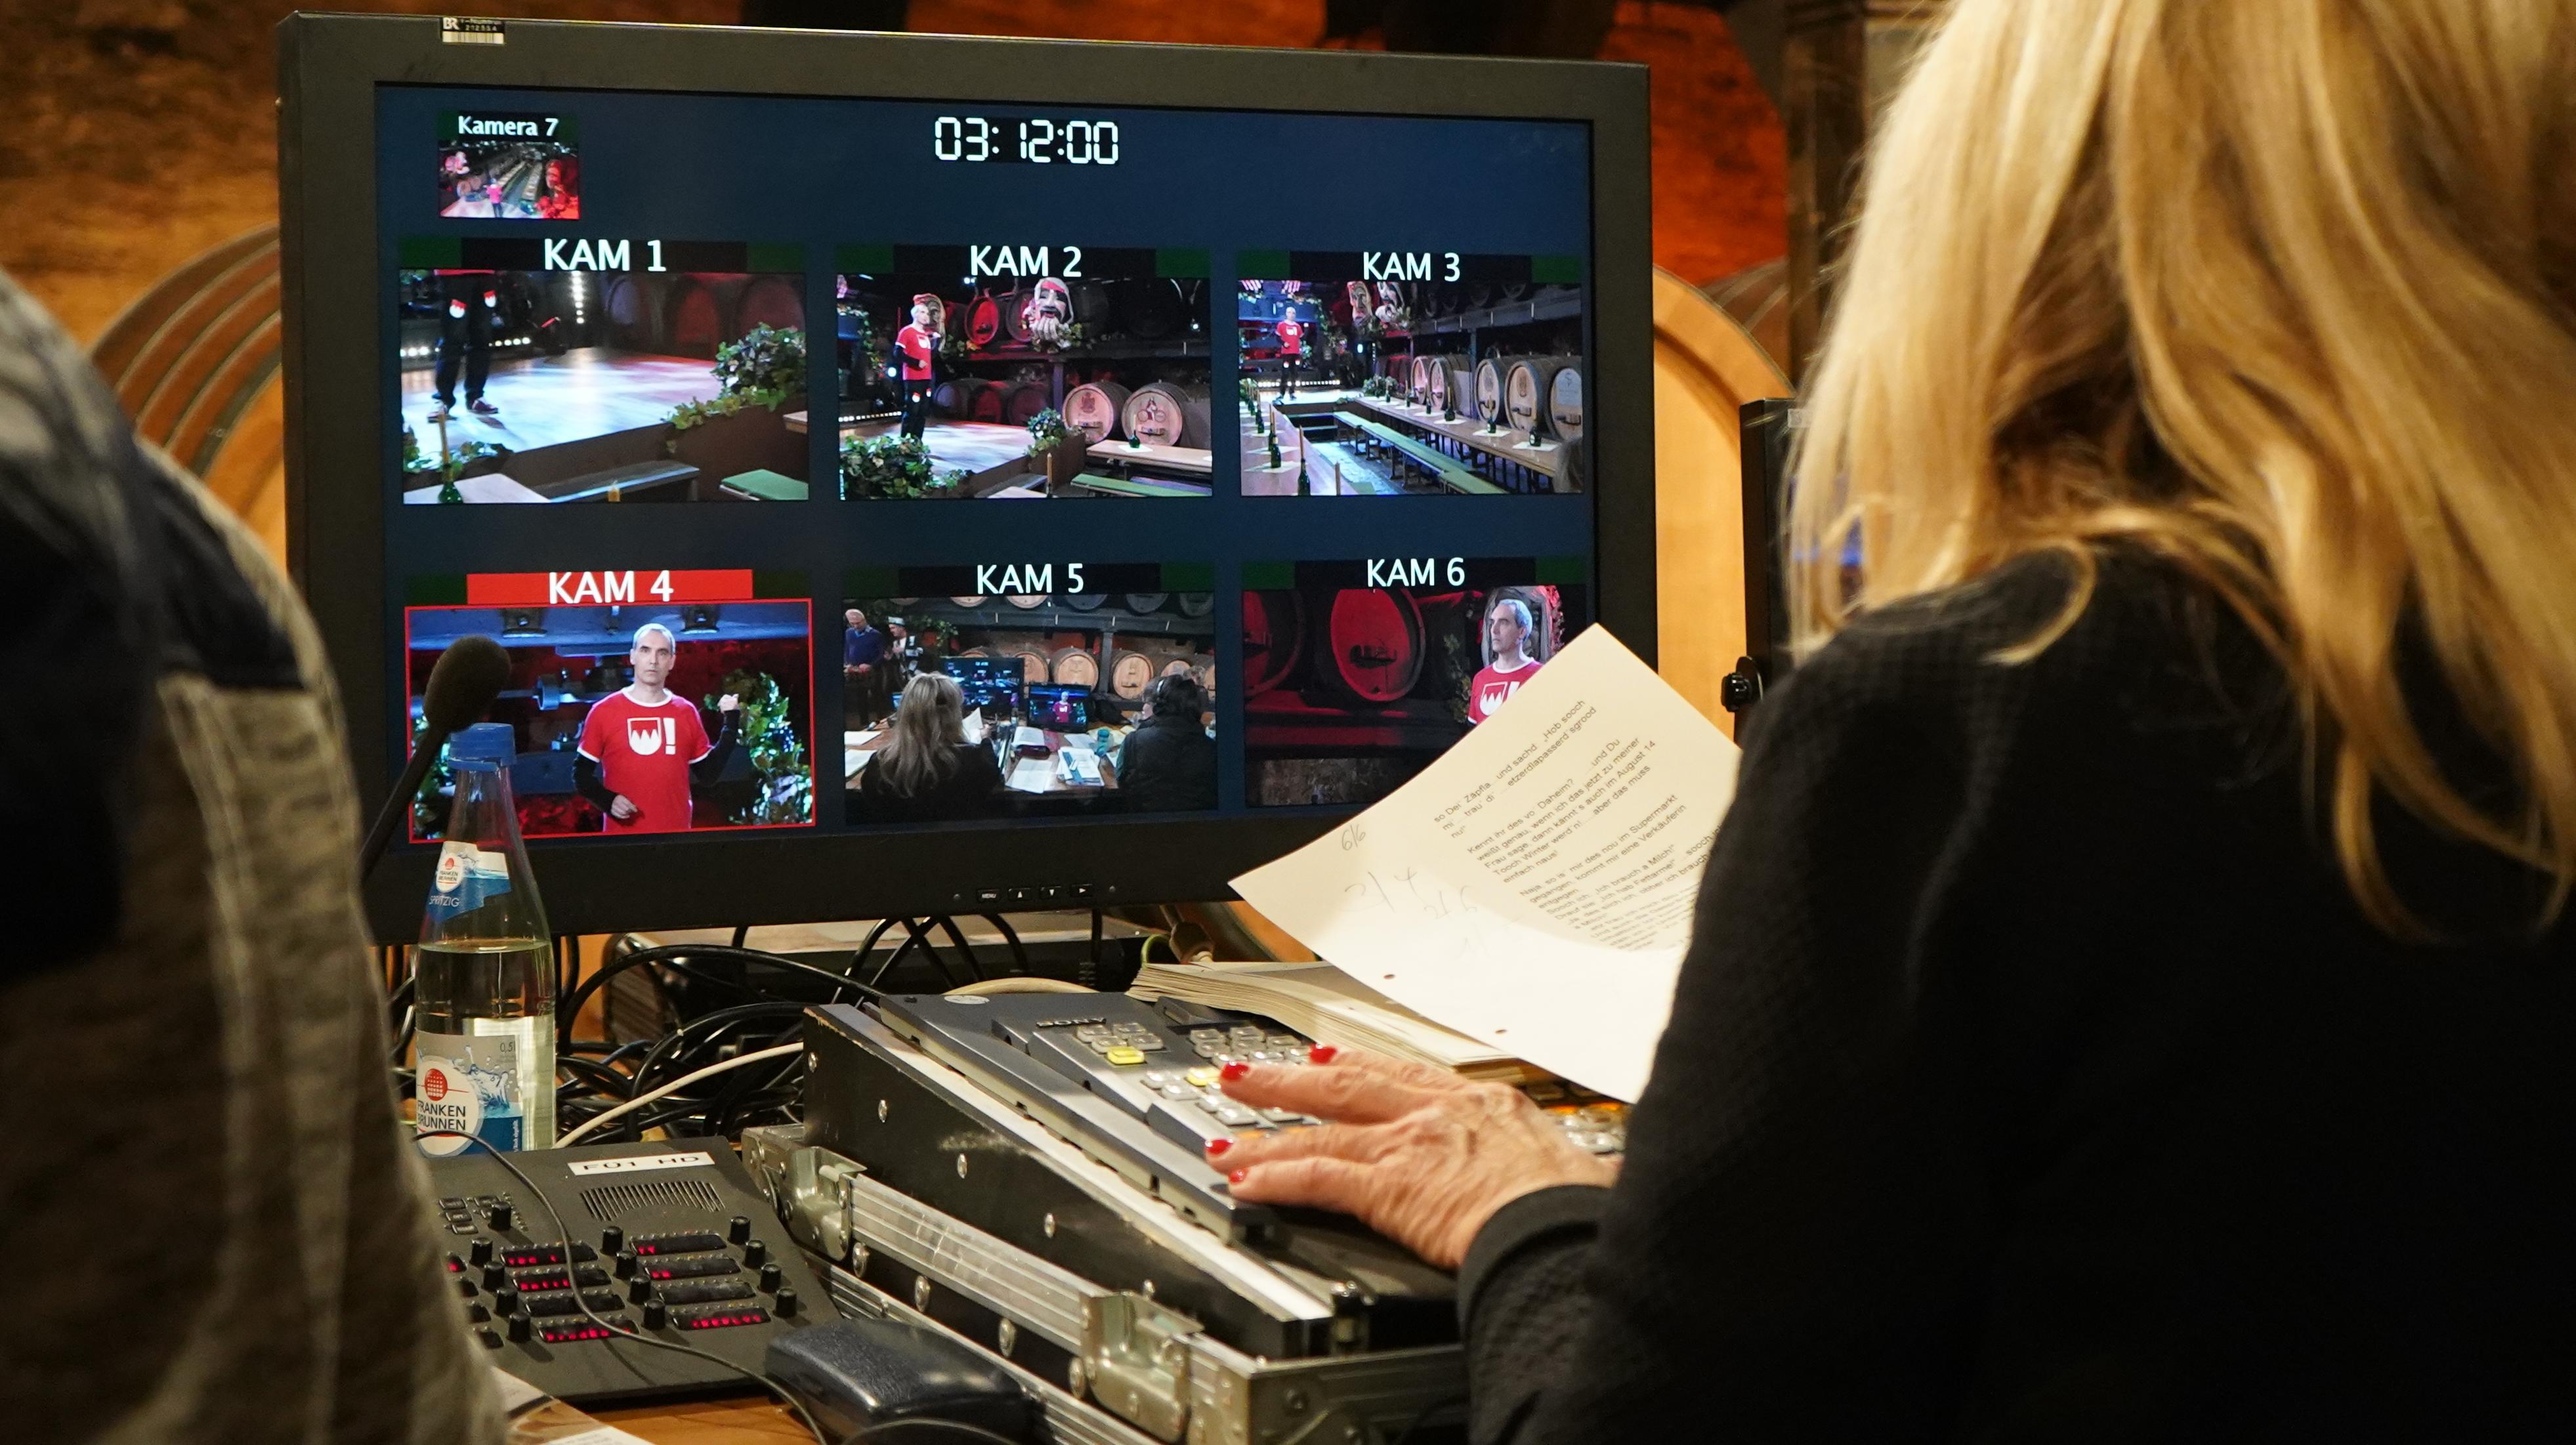 Der Monitor der Regie